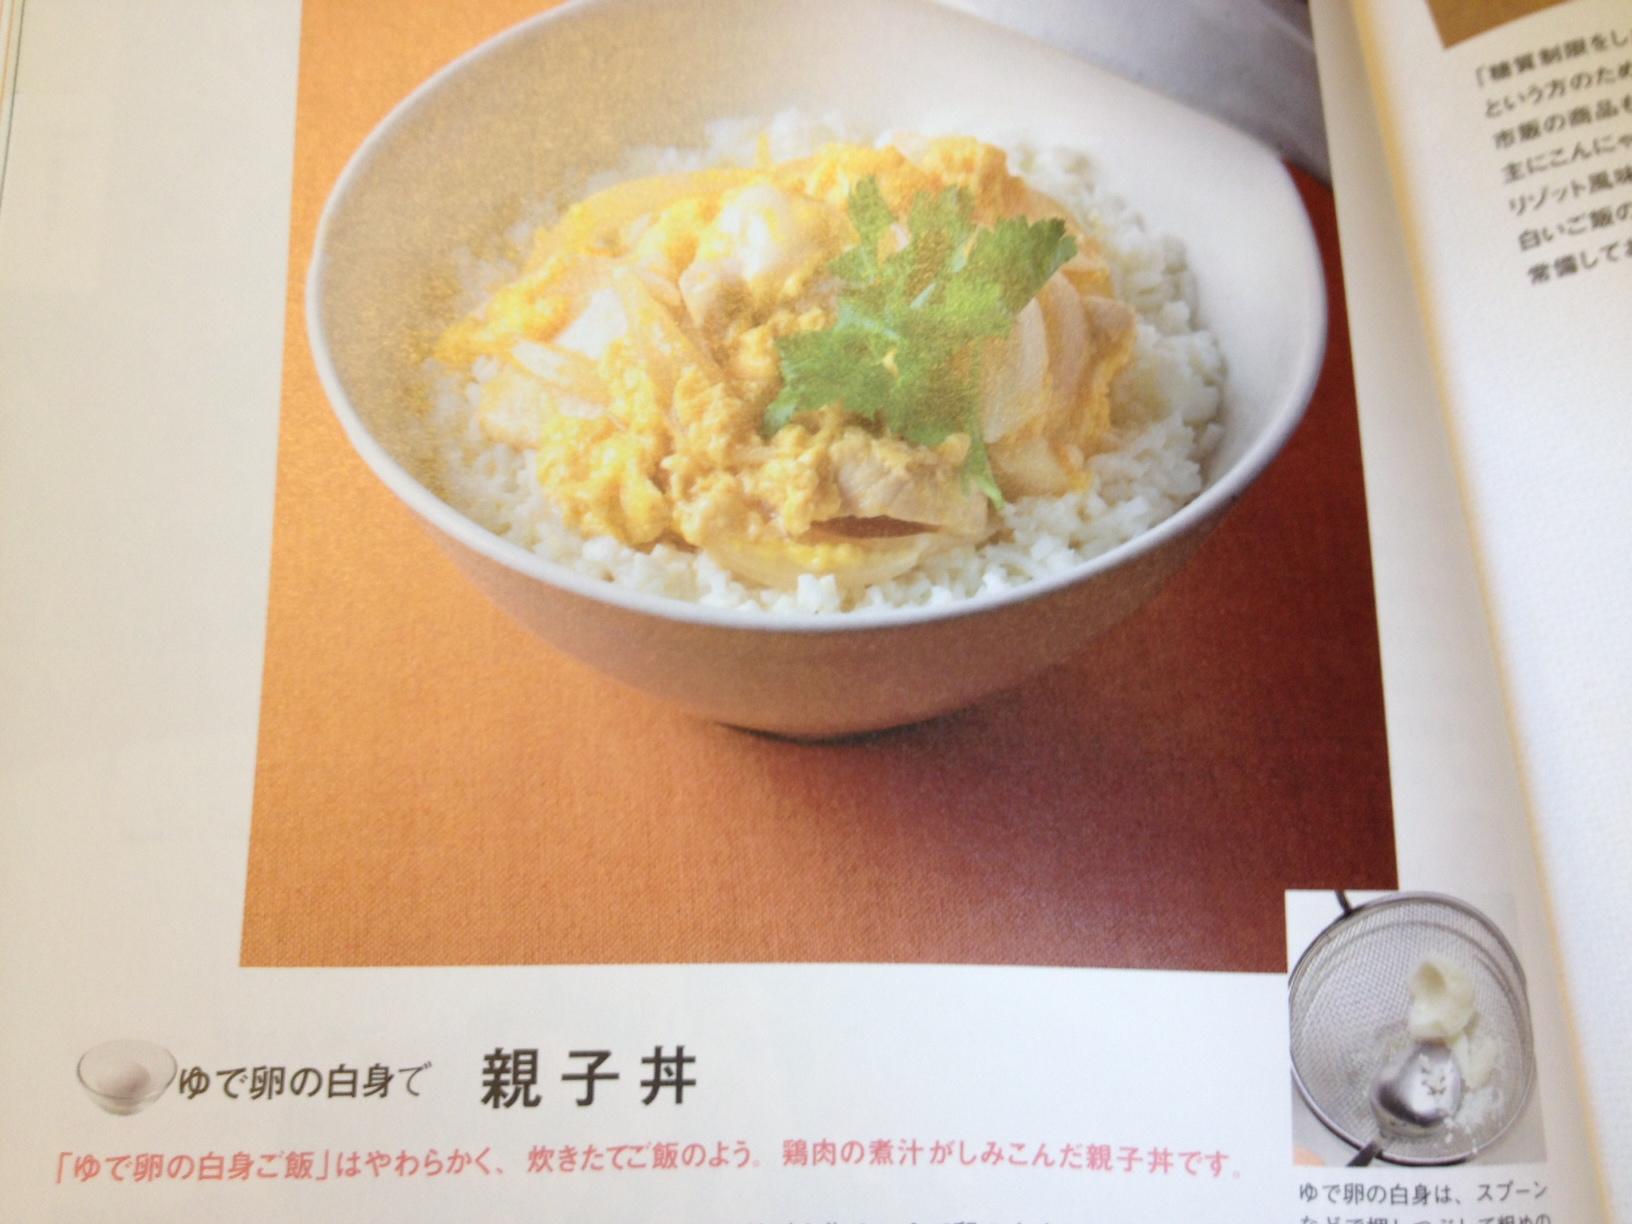 ゆで卵の白身で親子丼